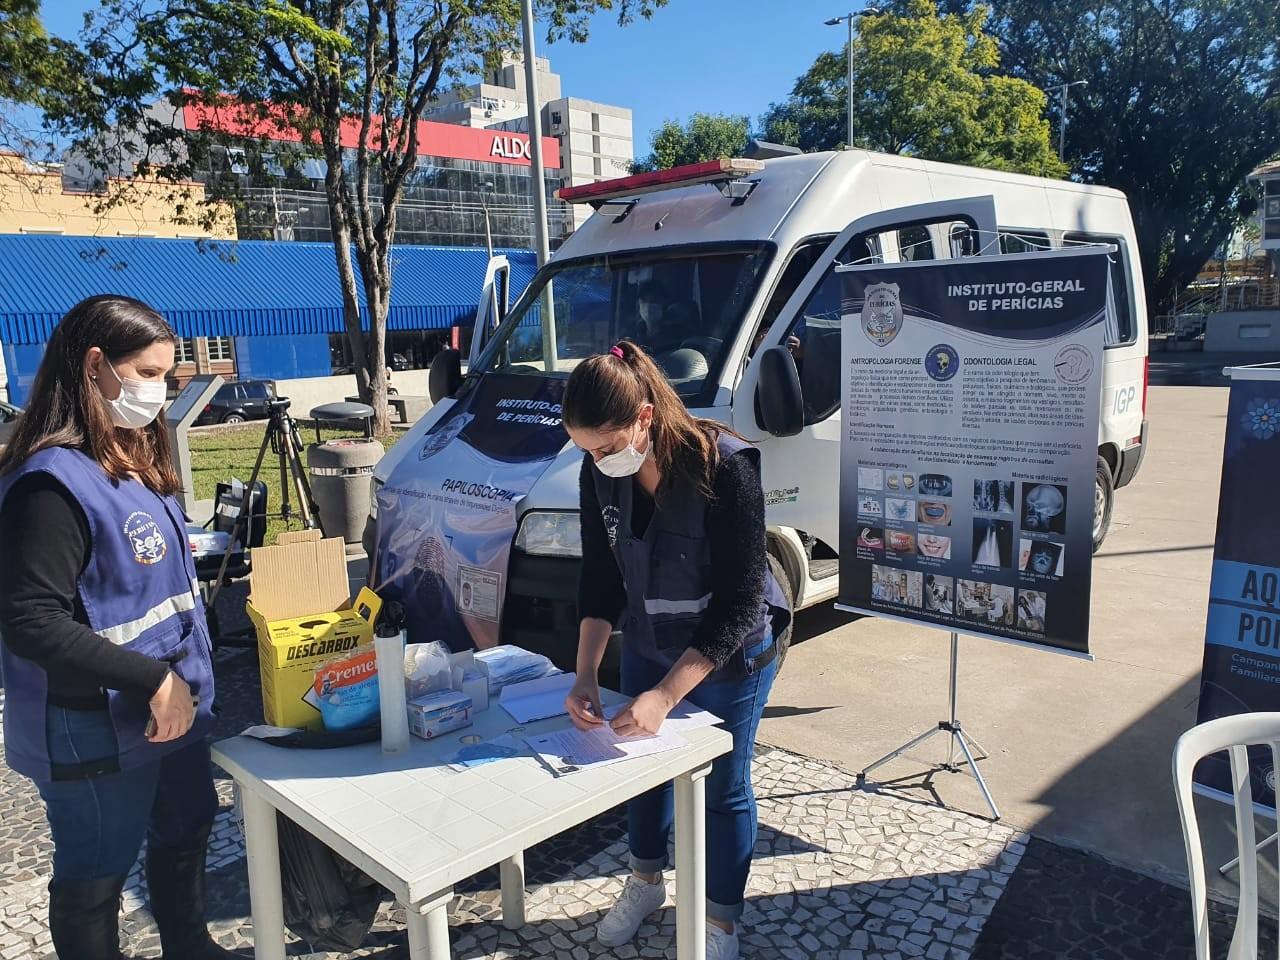 Campanha faz mutirão para coleta de DNA de familiares de desaparecidos no RS; veja locais